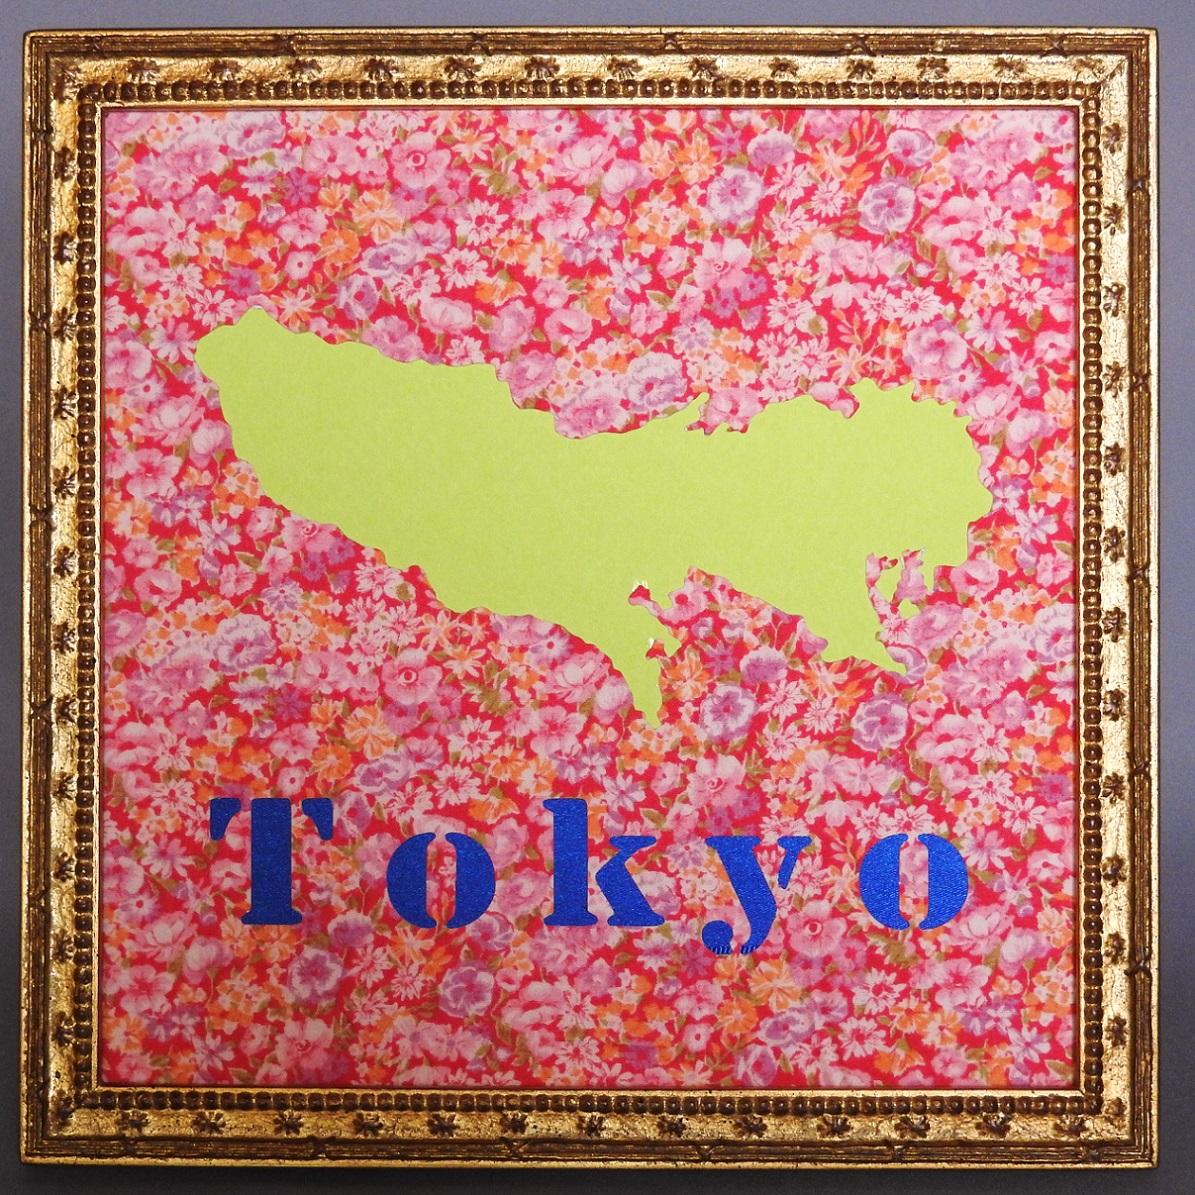 電子顕微鏡の出荷金額日本一。東京都の地図をモチーフにした壁飾りです。220mmの正方形です。